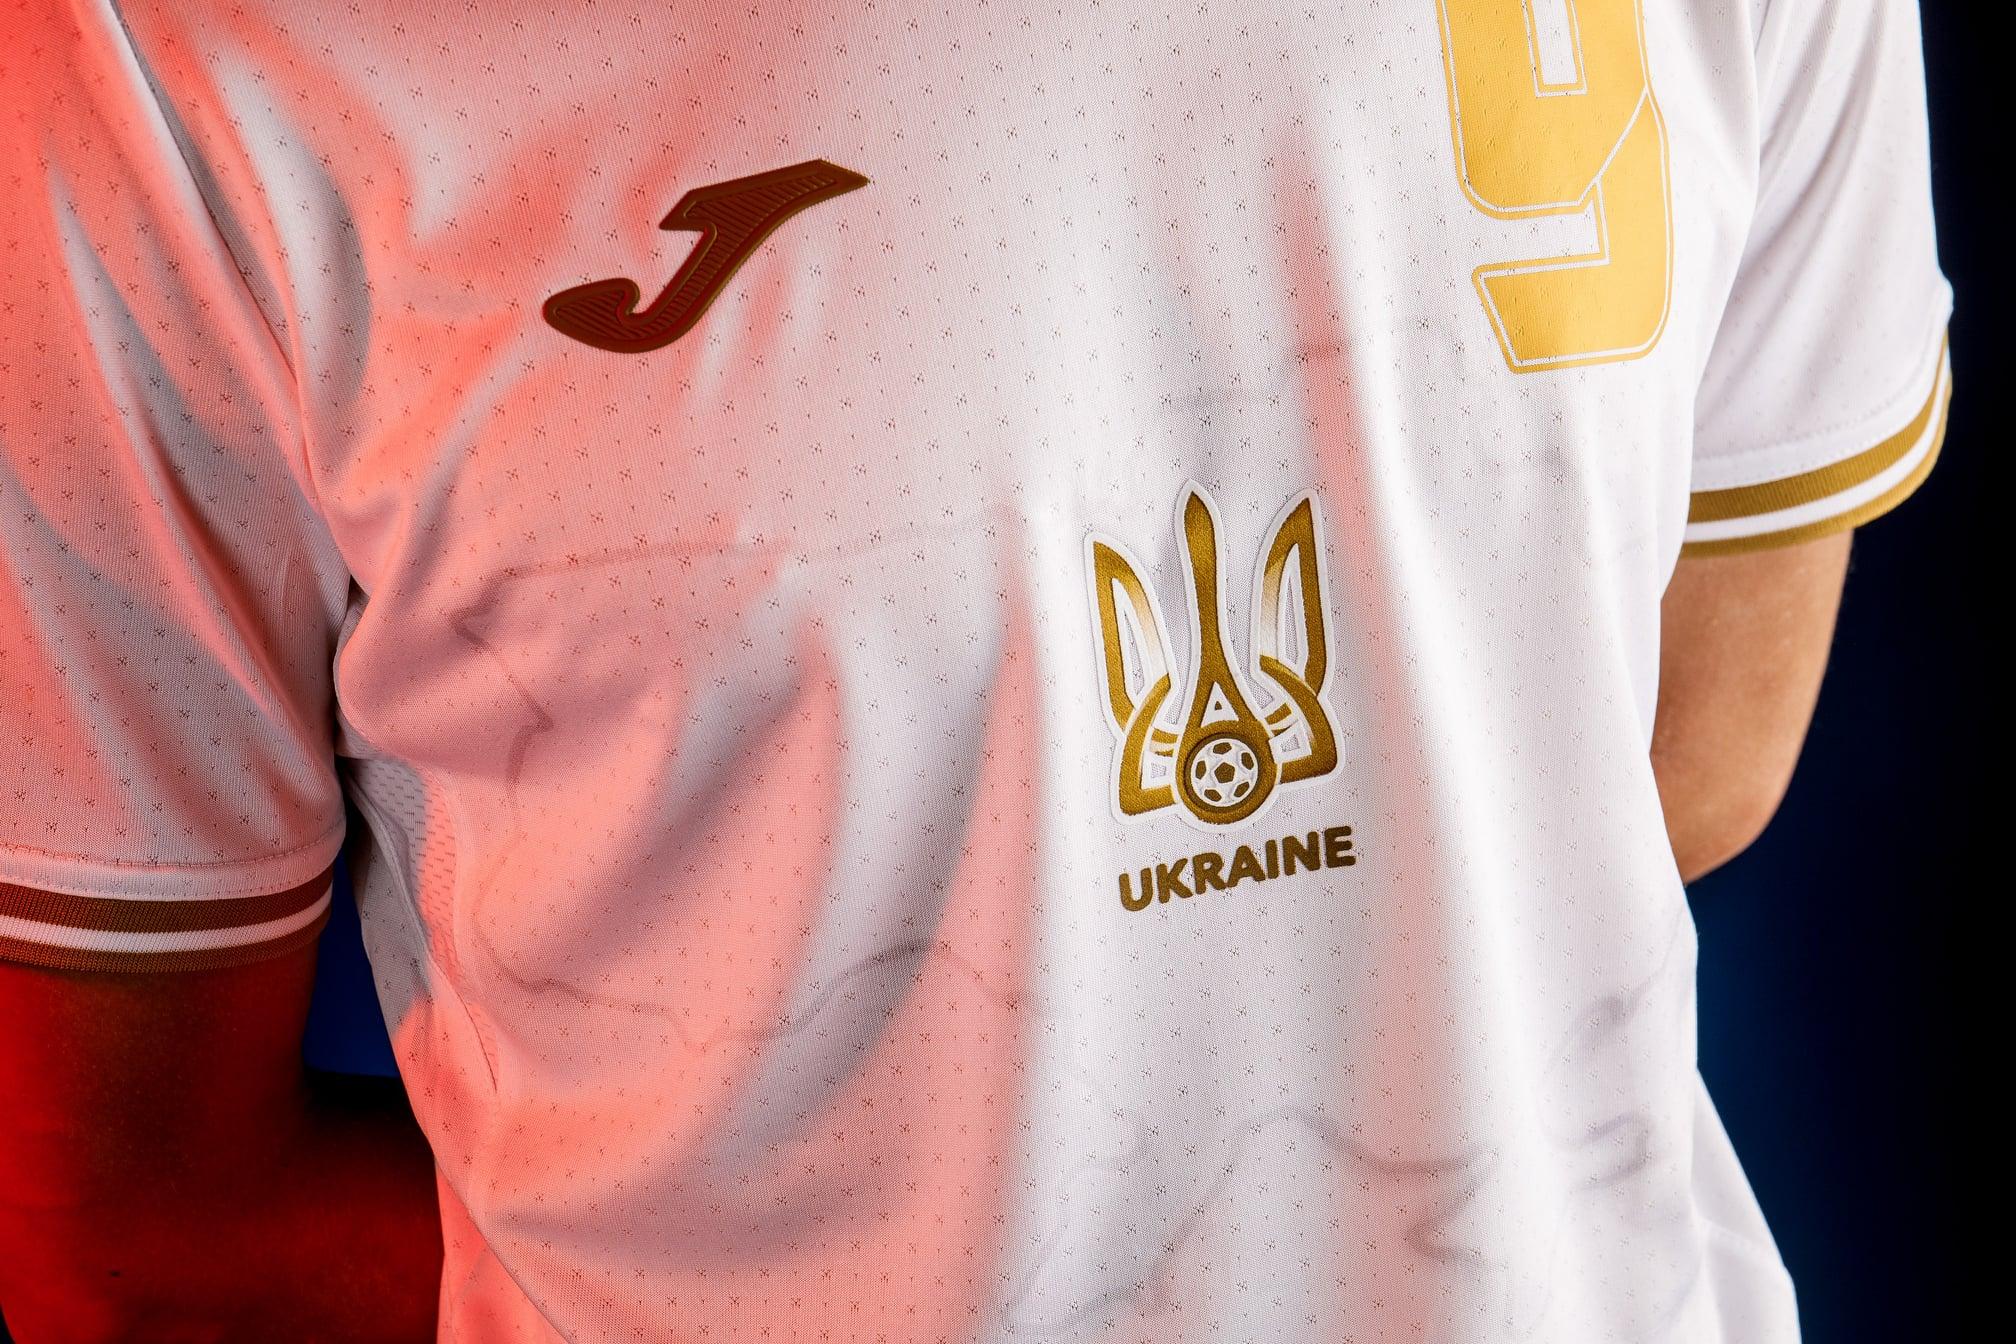 Национальная сборная Украины по футболу будет играть матчи Евро-2020 в новой форме